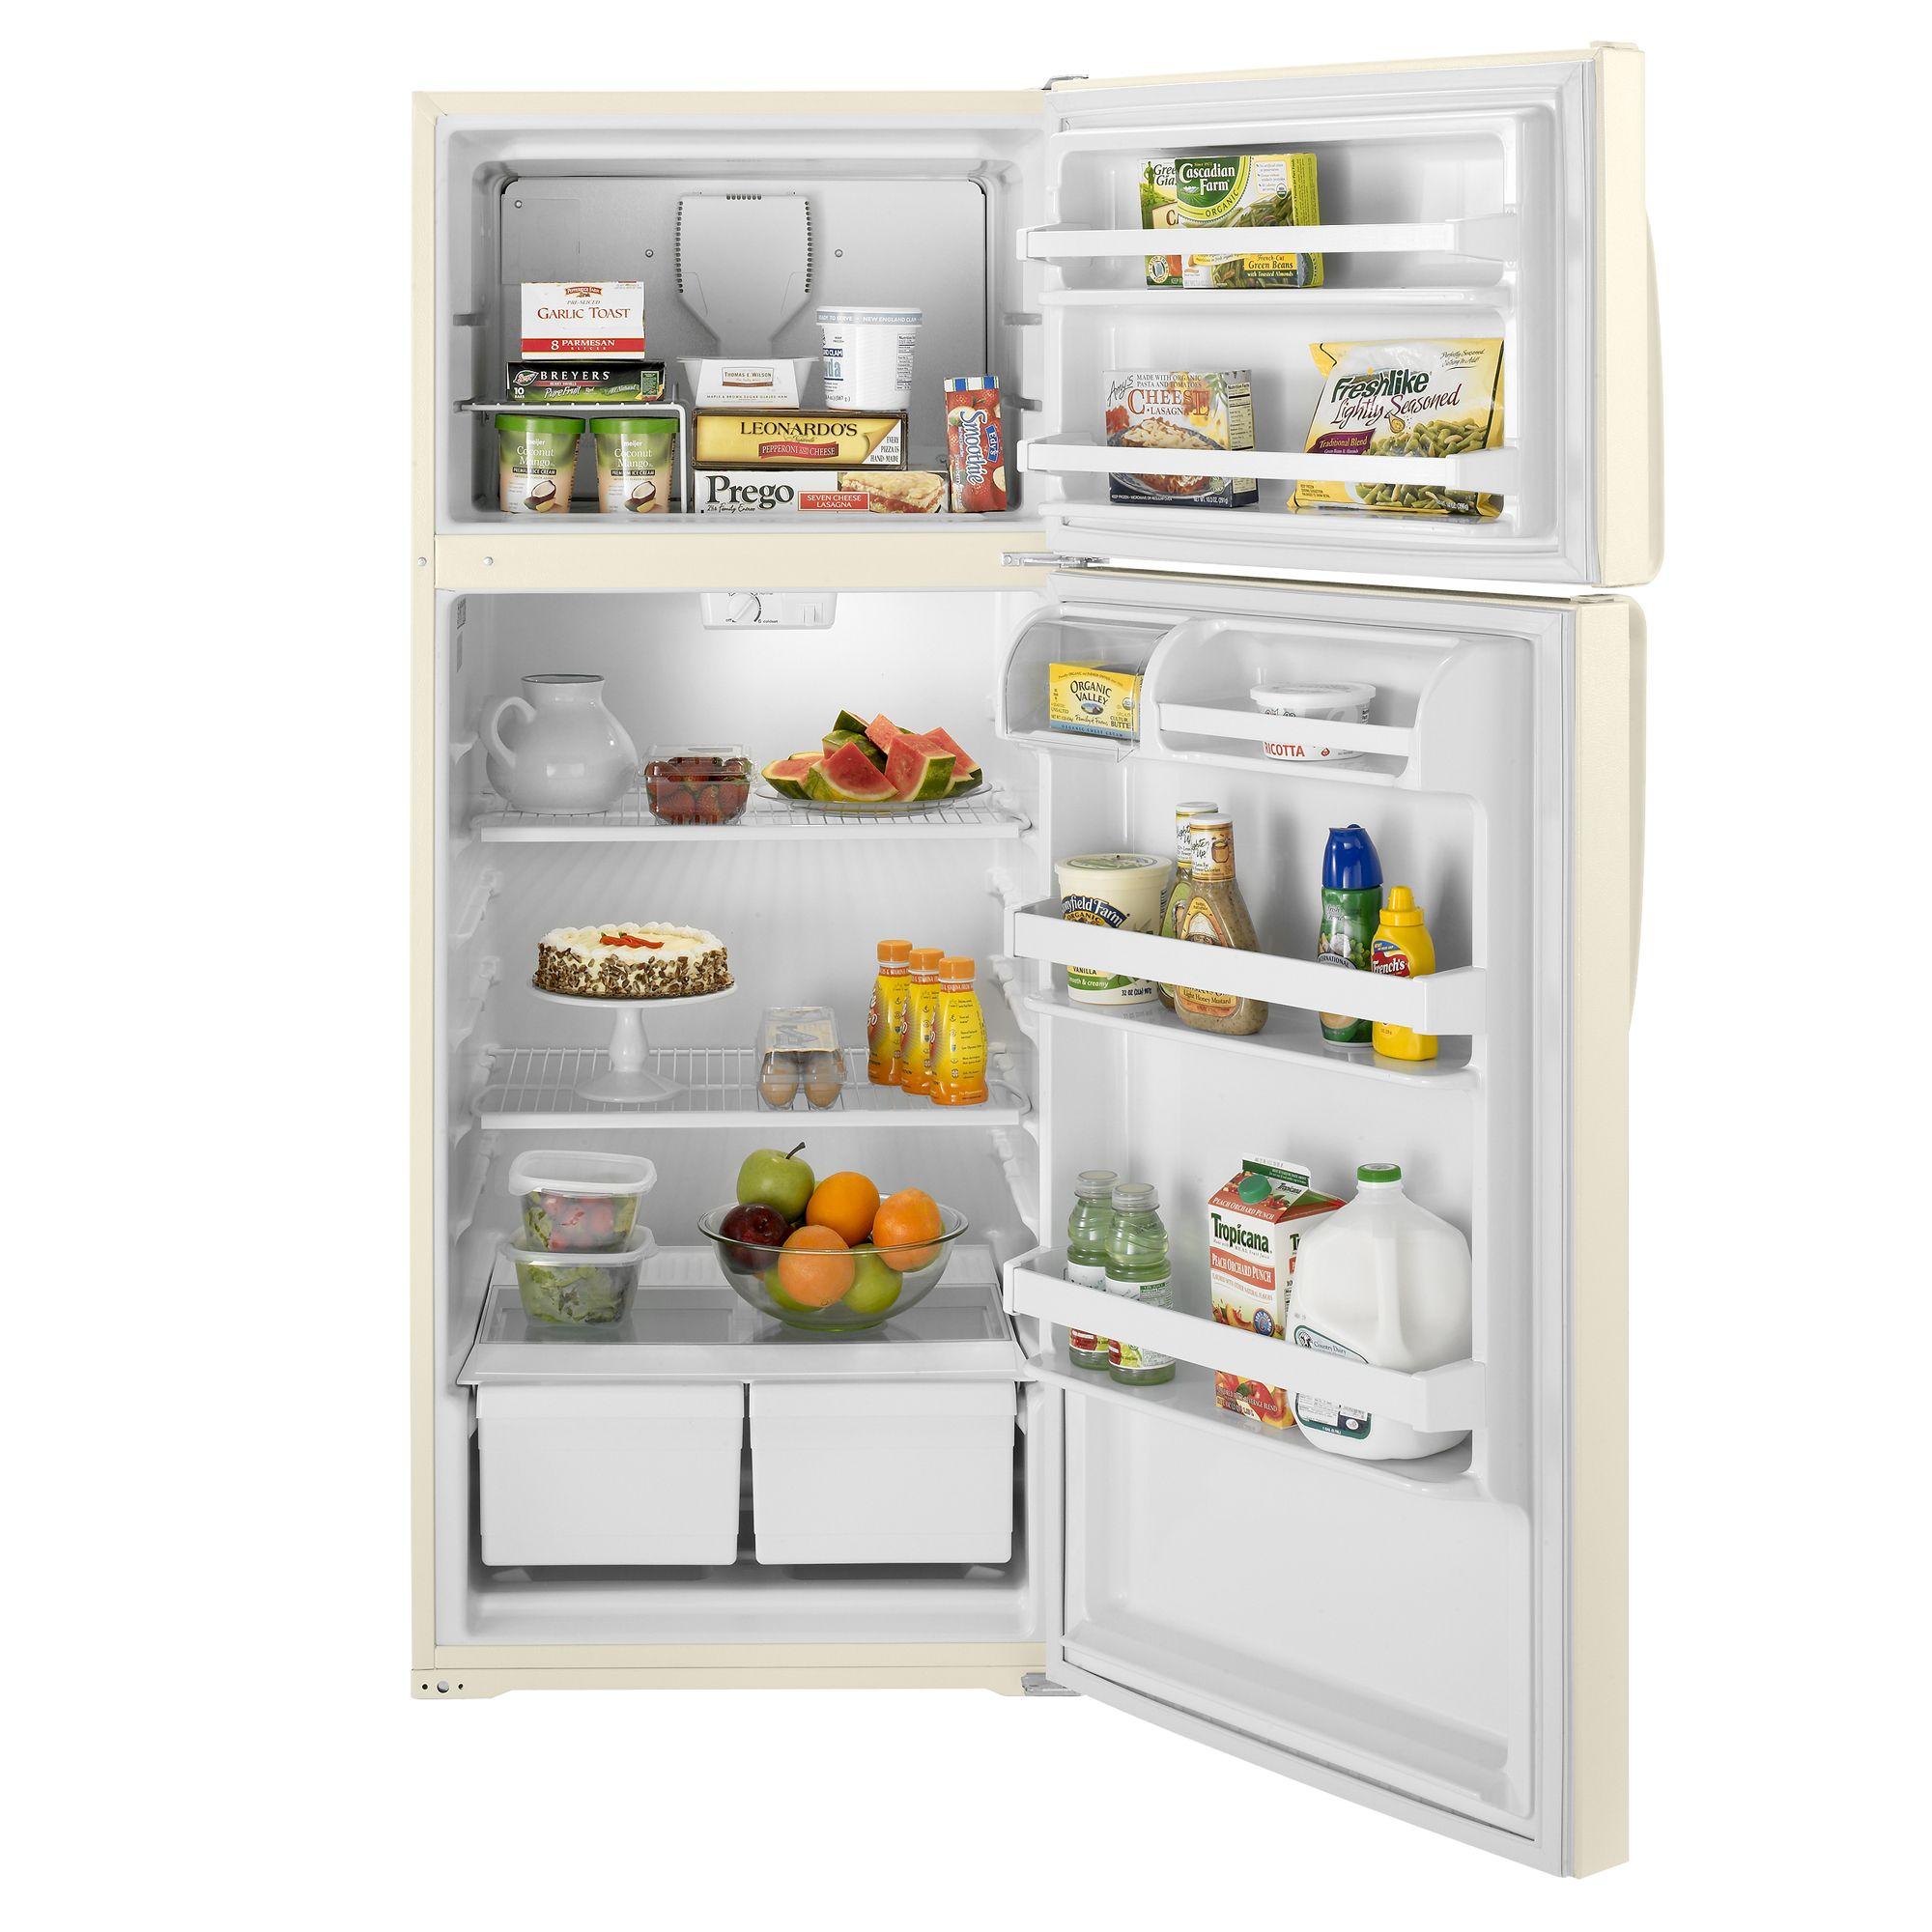 GE Refrigerator Collar Trim Kit